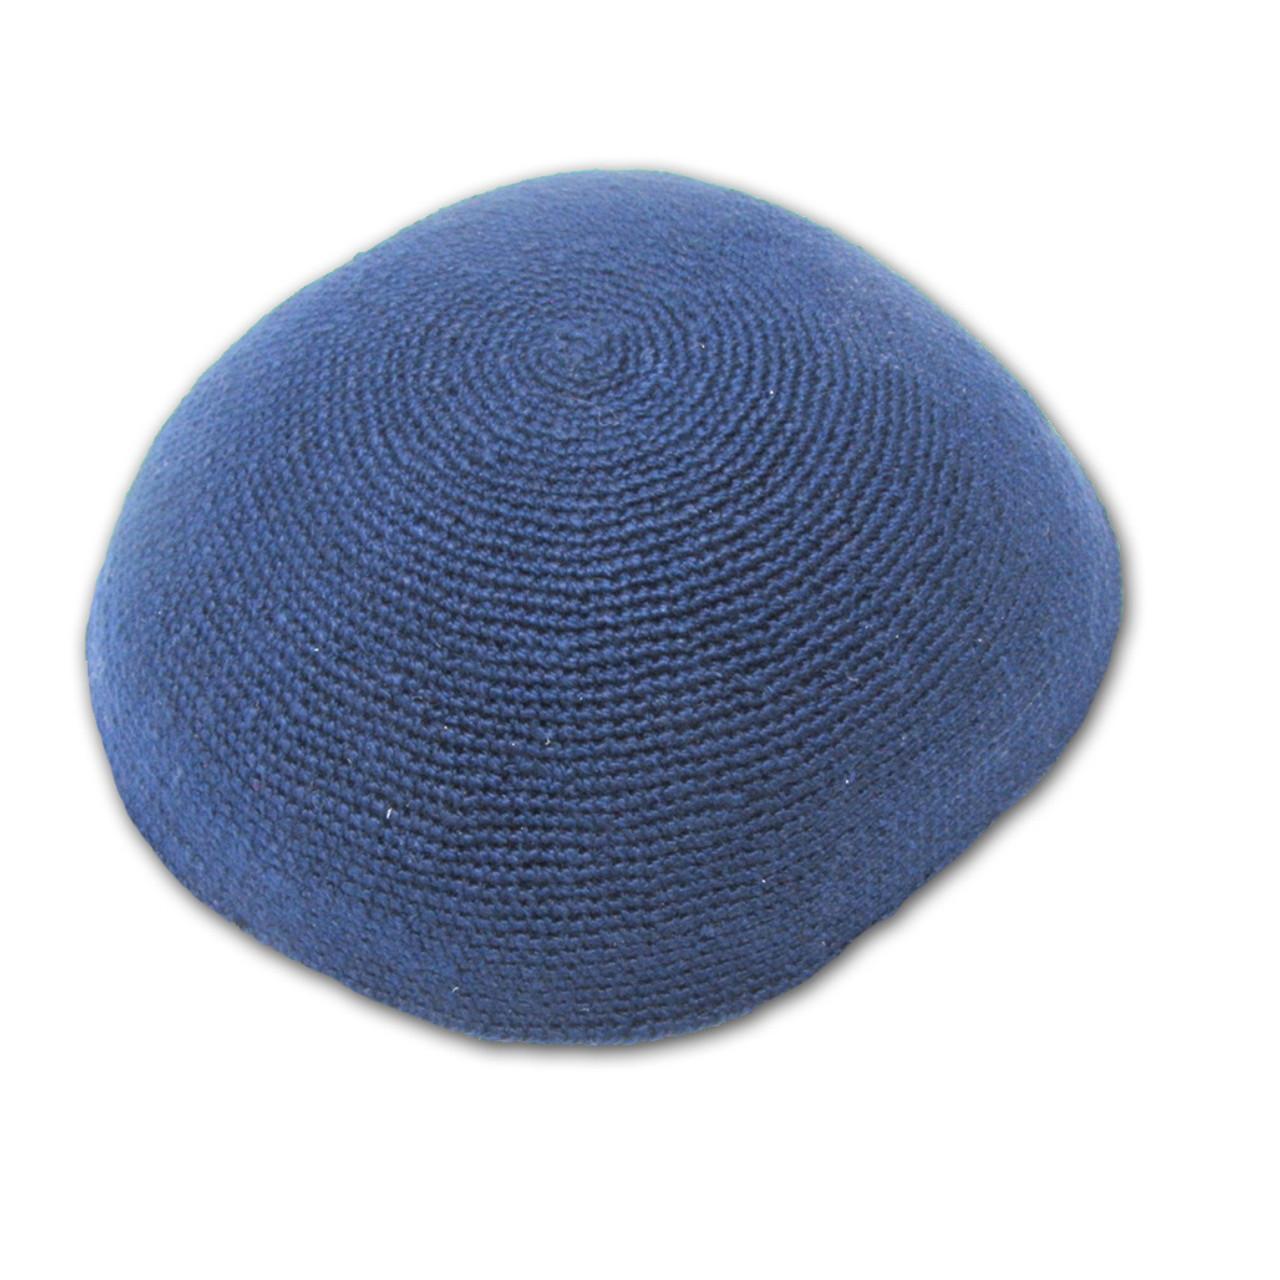 Royal Blue DMC Knitted Kippah